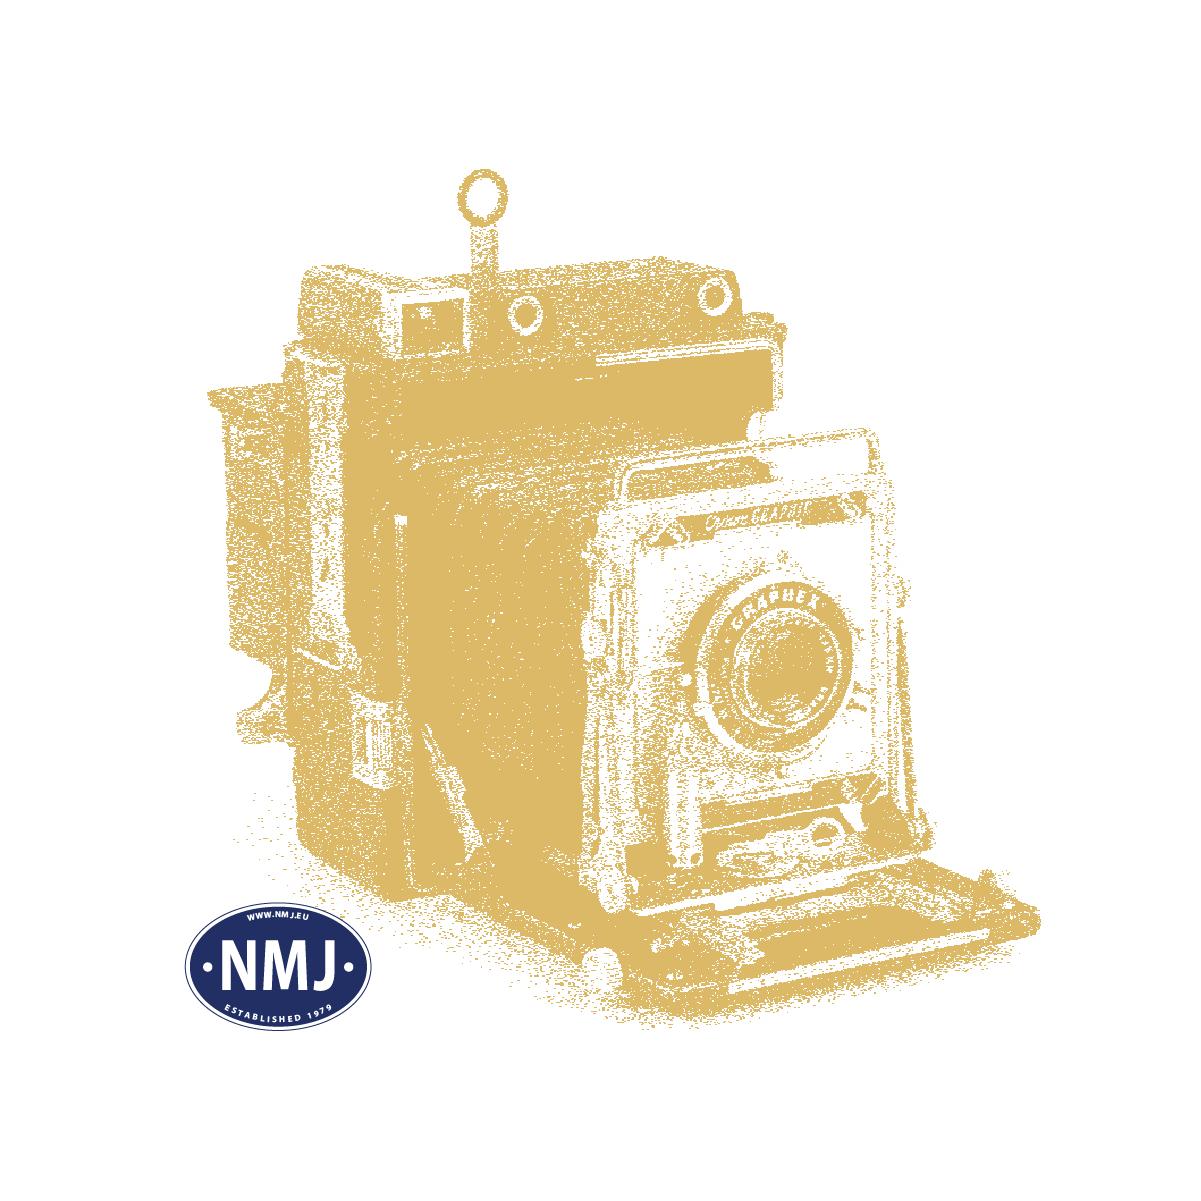 NMJSAO.202 - NMJ Superline Modell des Ao 202, 1.Kl Schlafwagen ohnen Zierlinien der SB